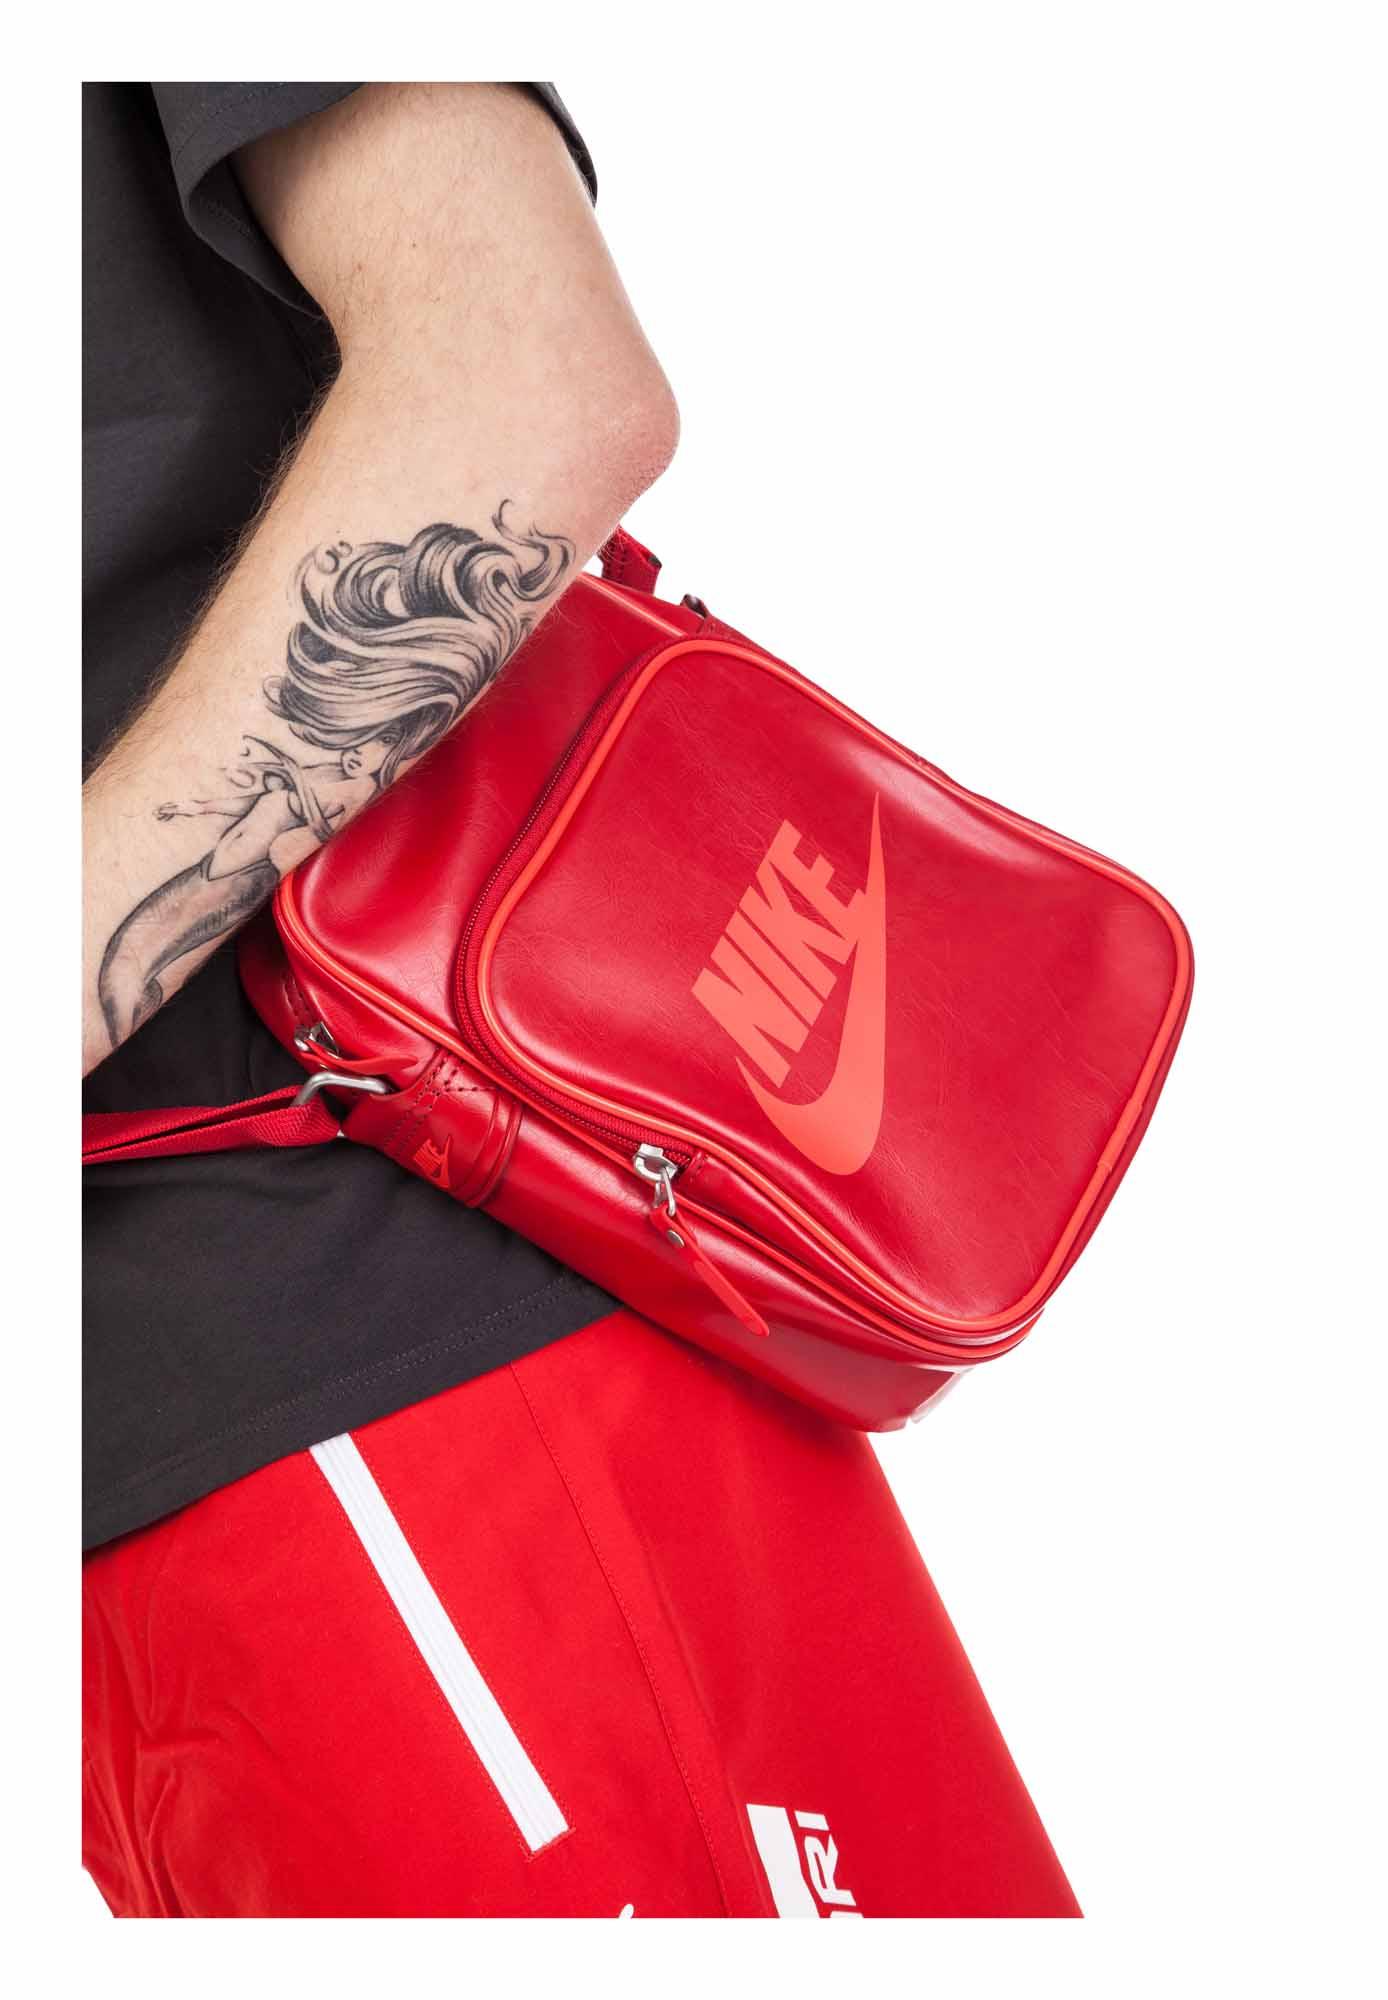 b6594b49b7 Nike HERITAGE SI SMALL ITEMS II. Dokladovka. Dokladovka. Dokladovka.  Dokladovka. Dokladovka. Dokladovka. Dokladovka. Dokladovka. Dokladovka